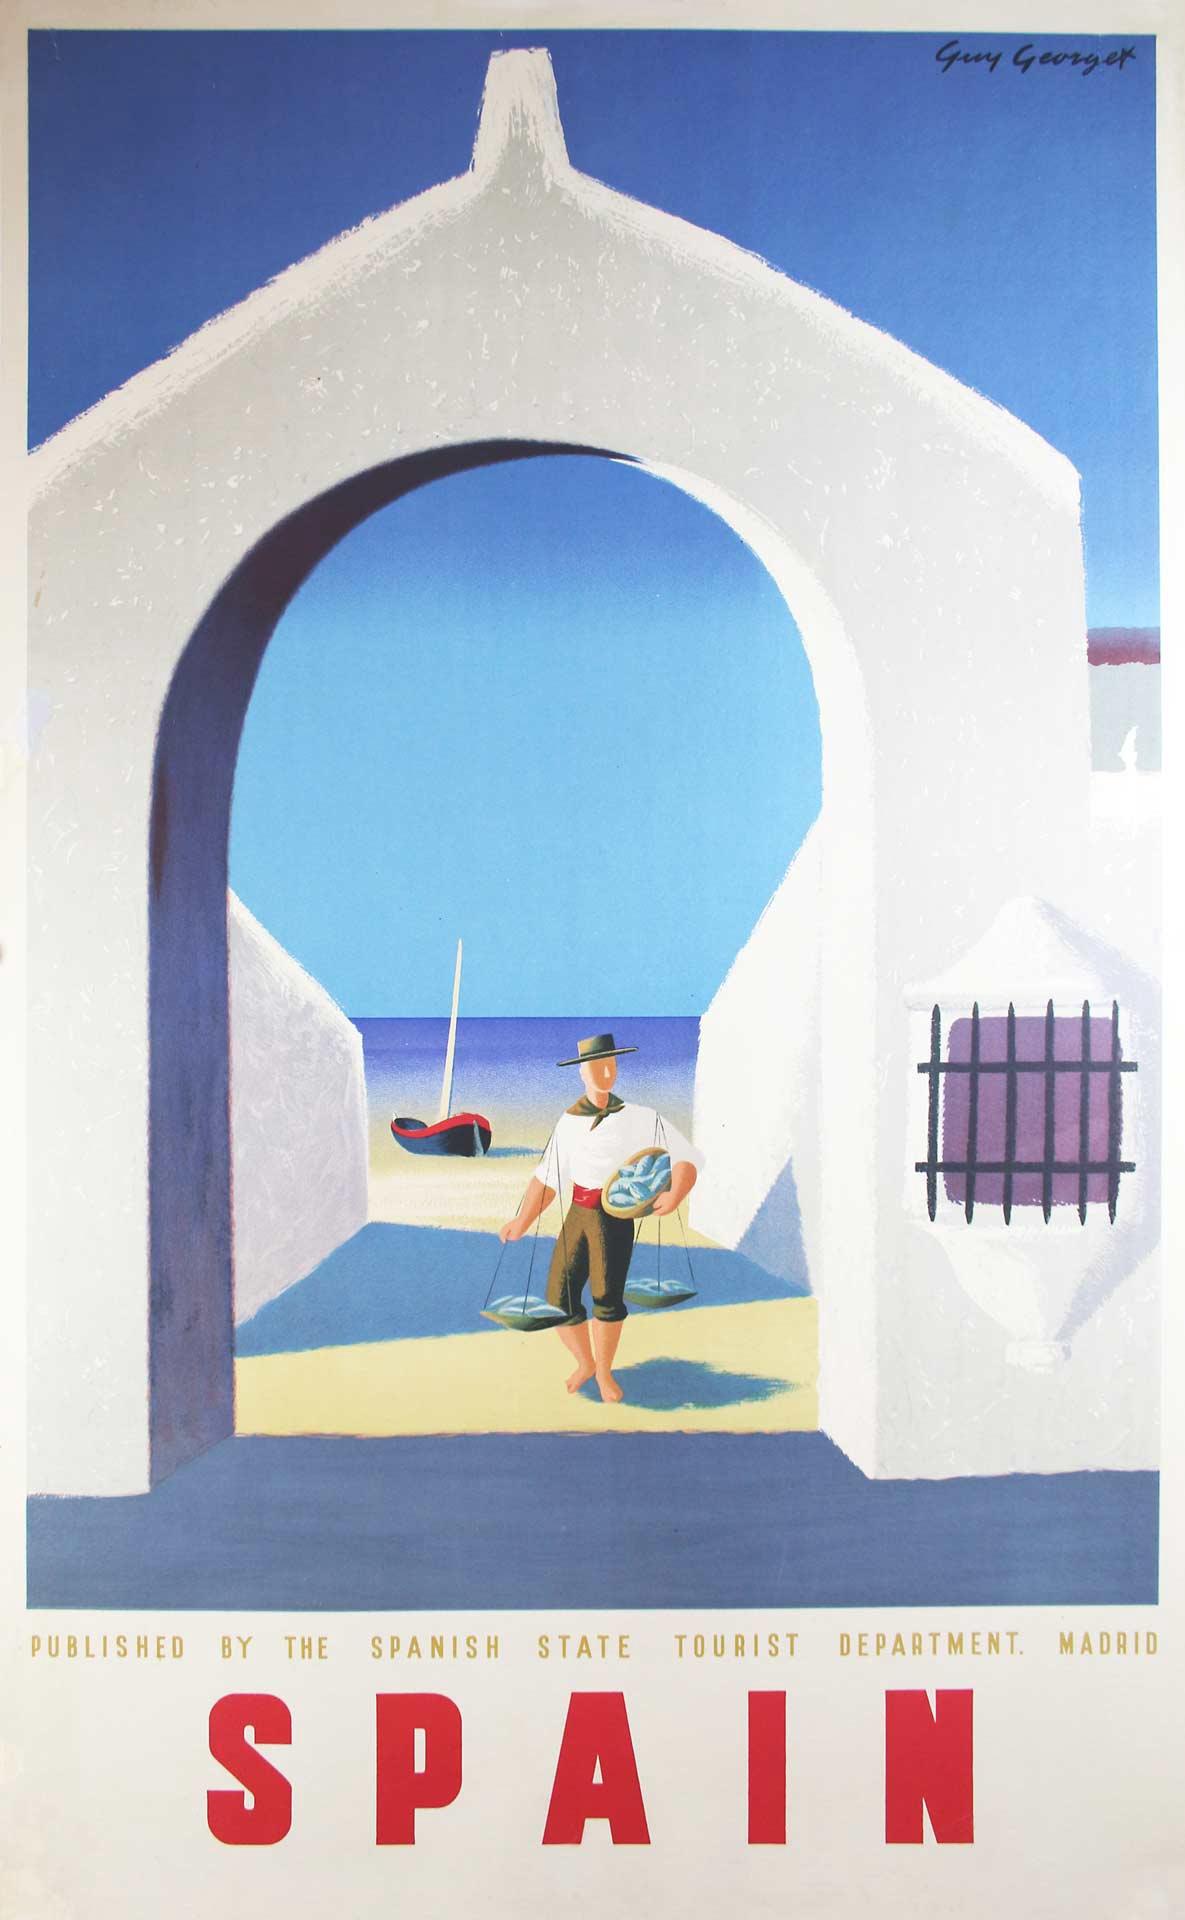 Fisherman Spain Poster